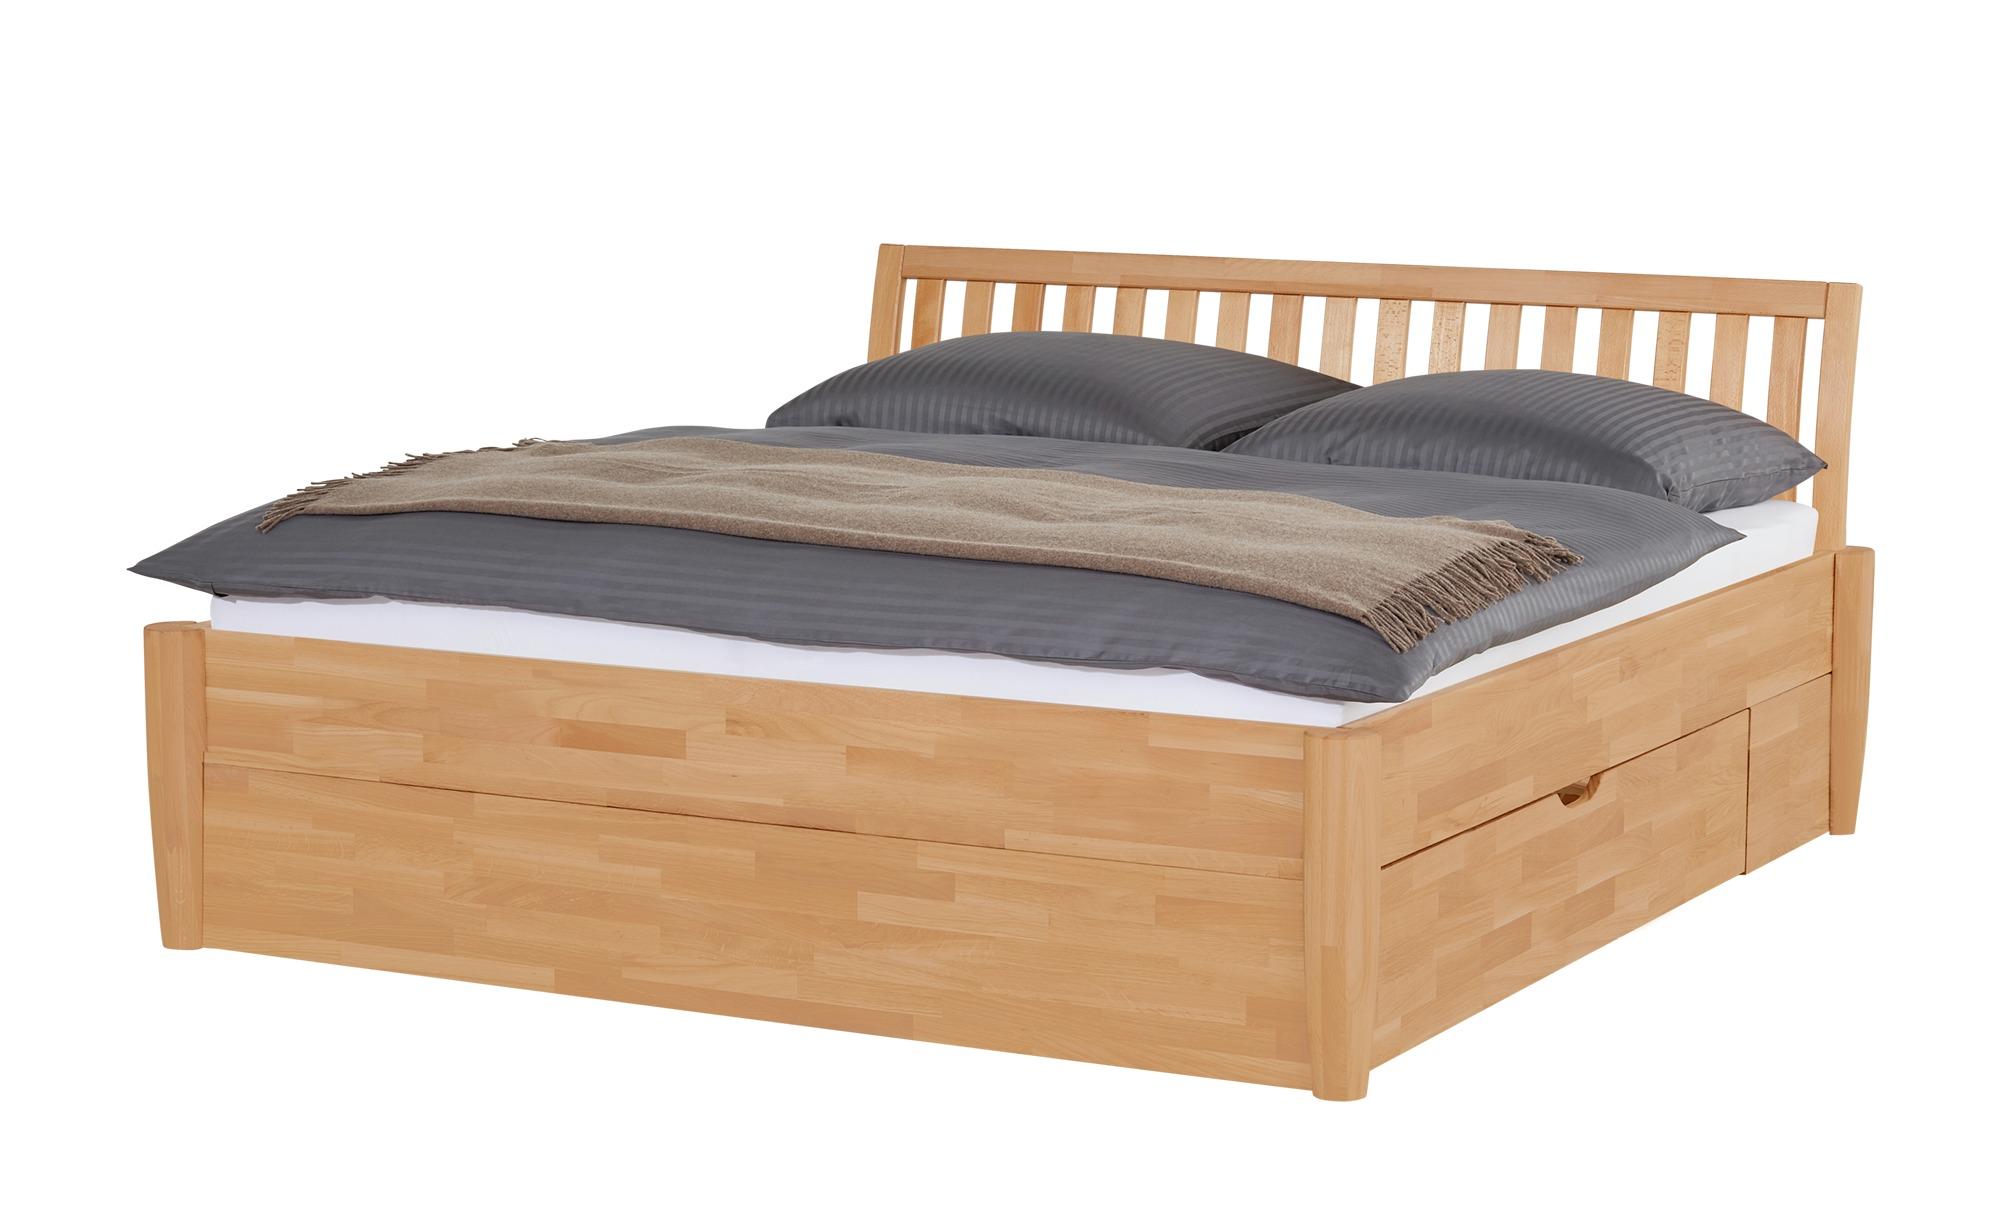 l mit Bettkasten Timber ¦ holzfarben ¦ Maße (cm): B: 176 H: 93 Betten > Futonbetten - Höffner